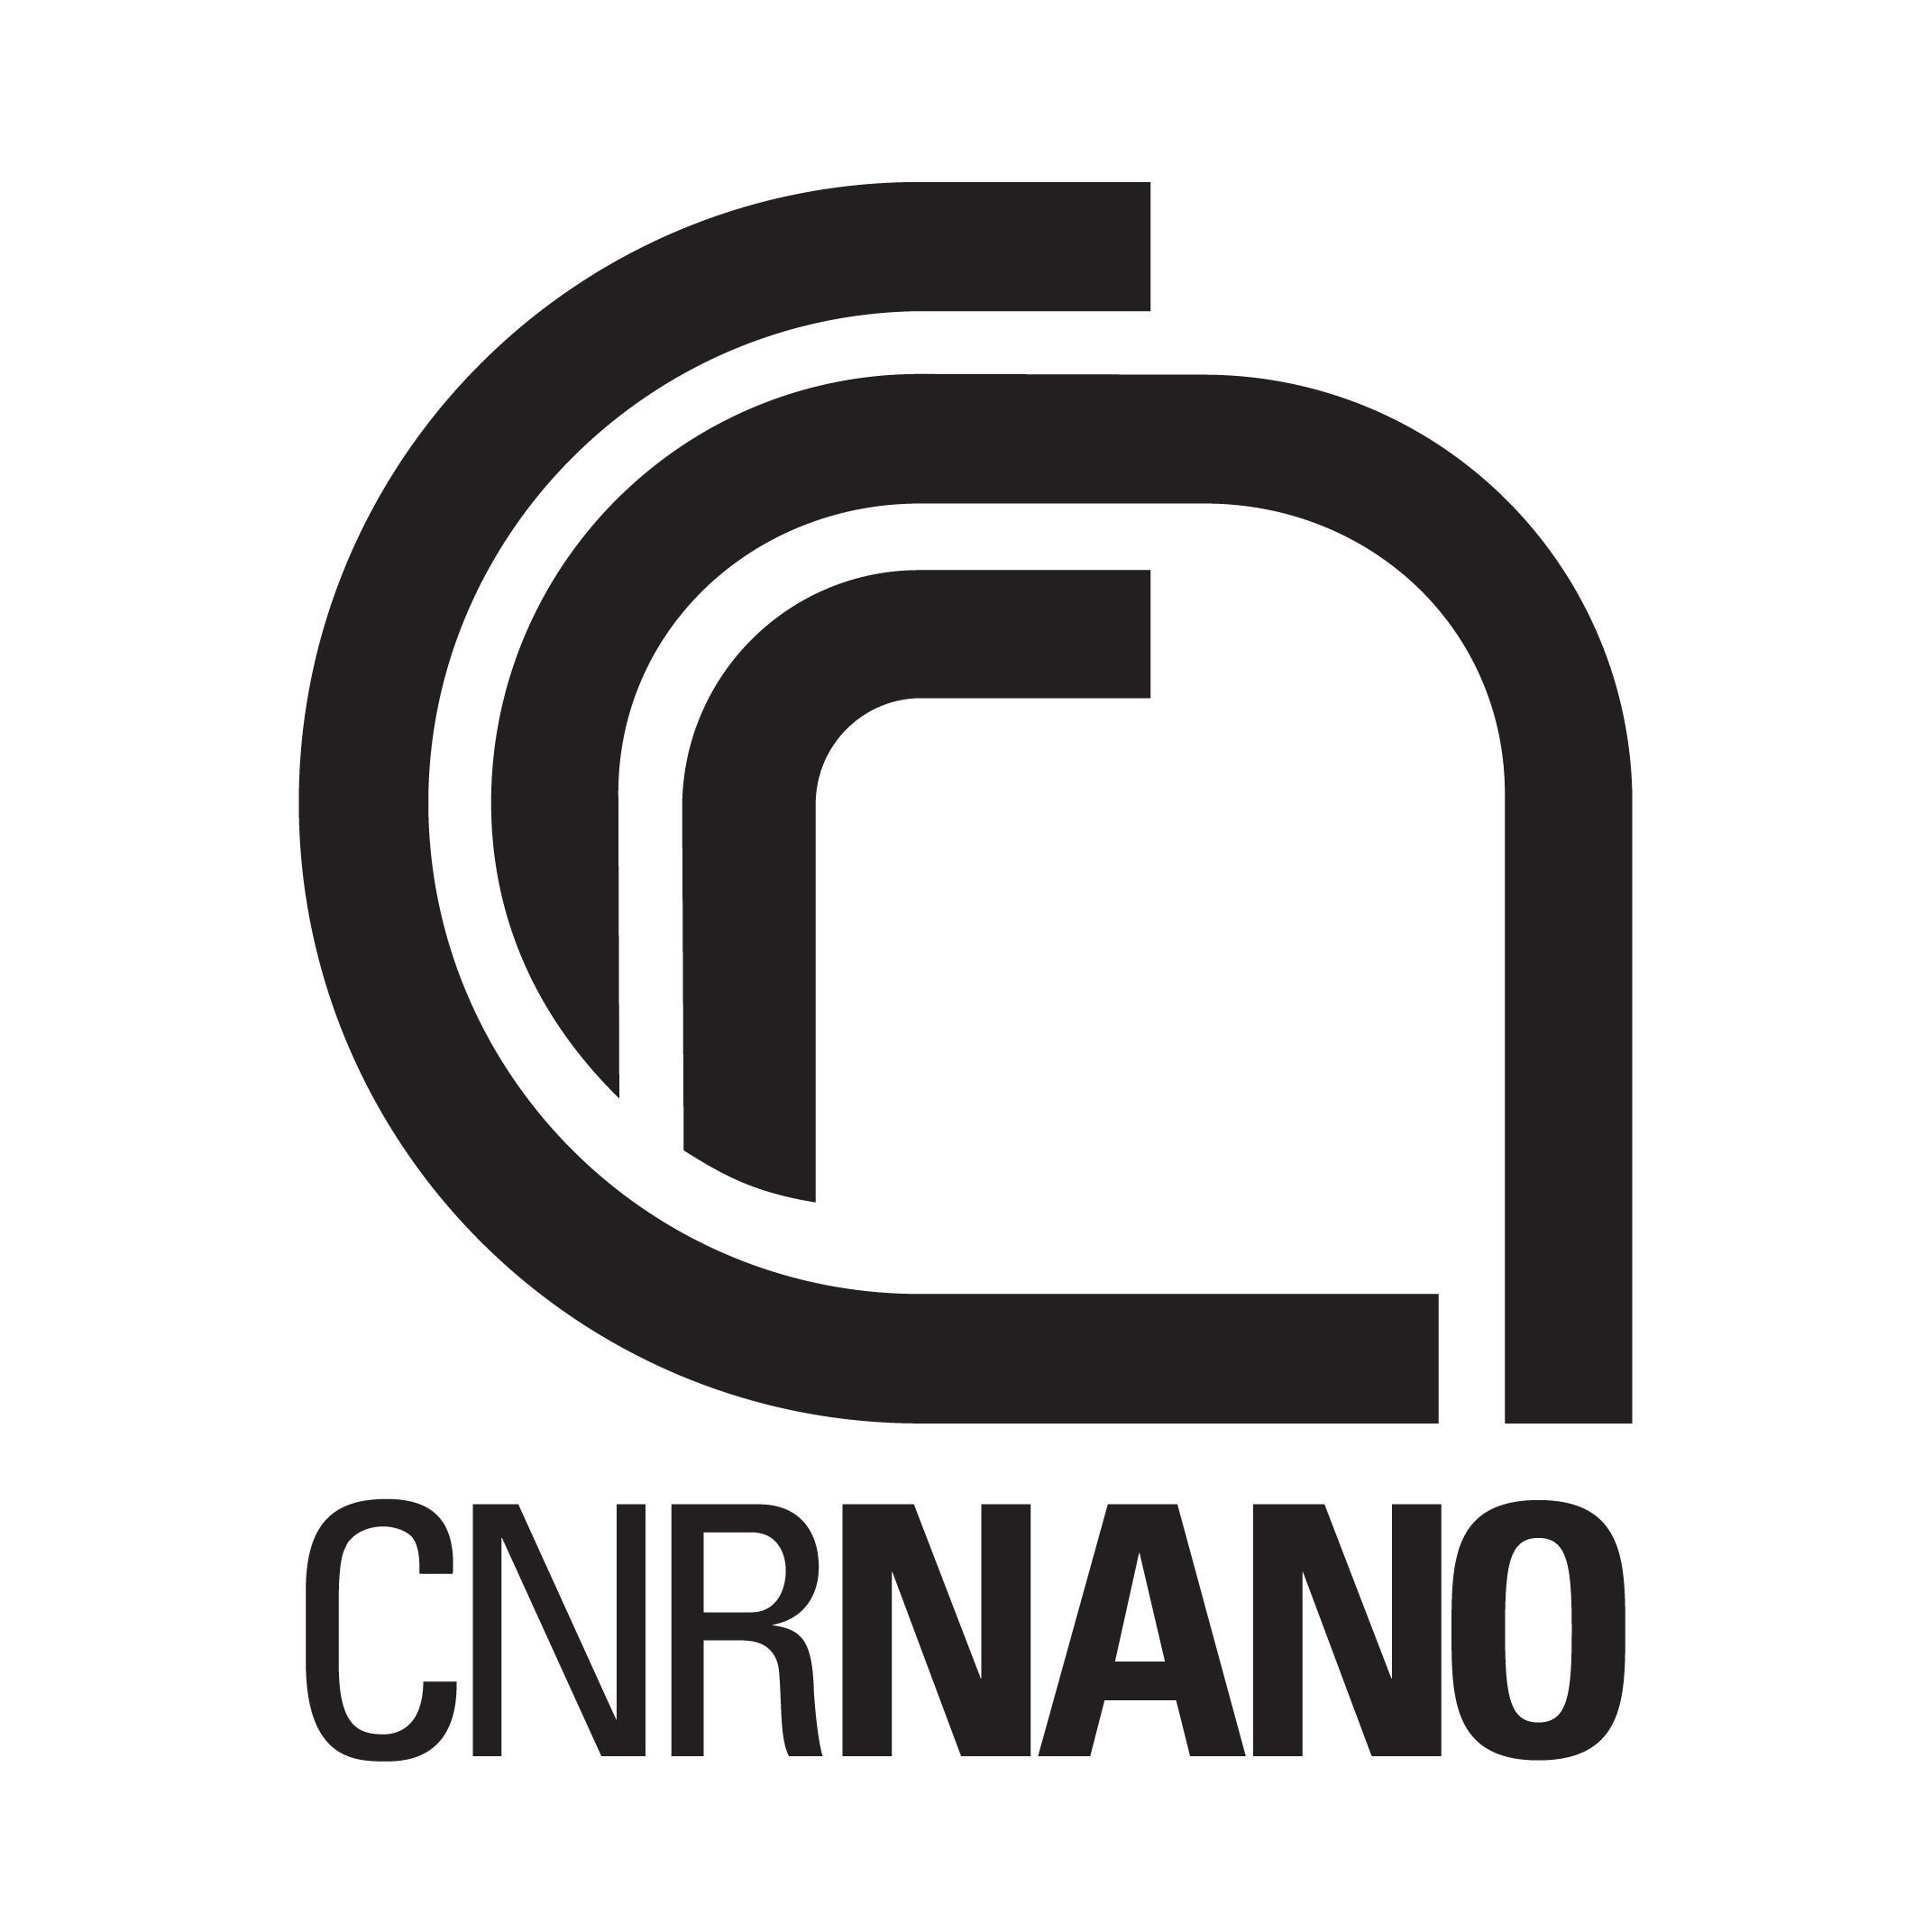 CNR-NANO